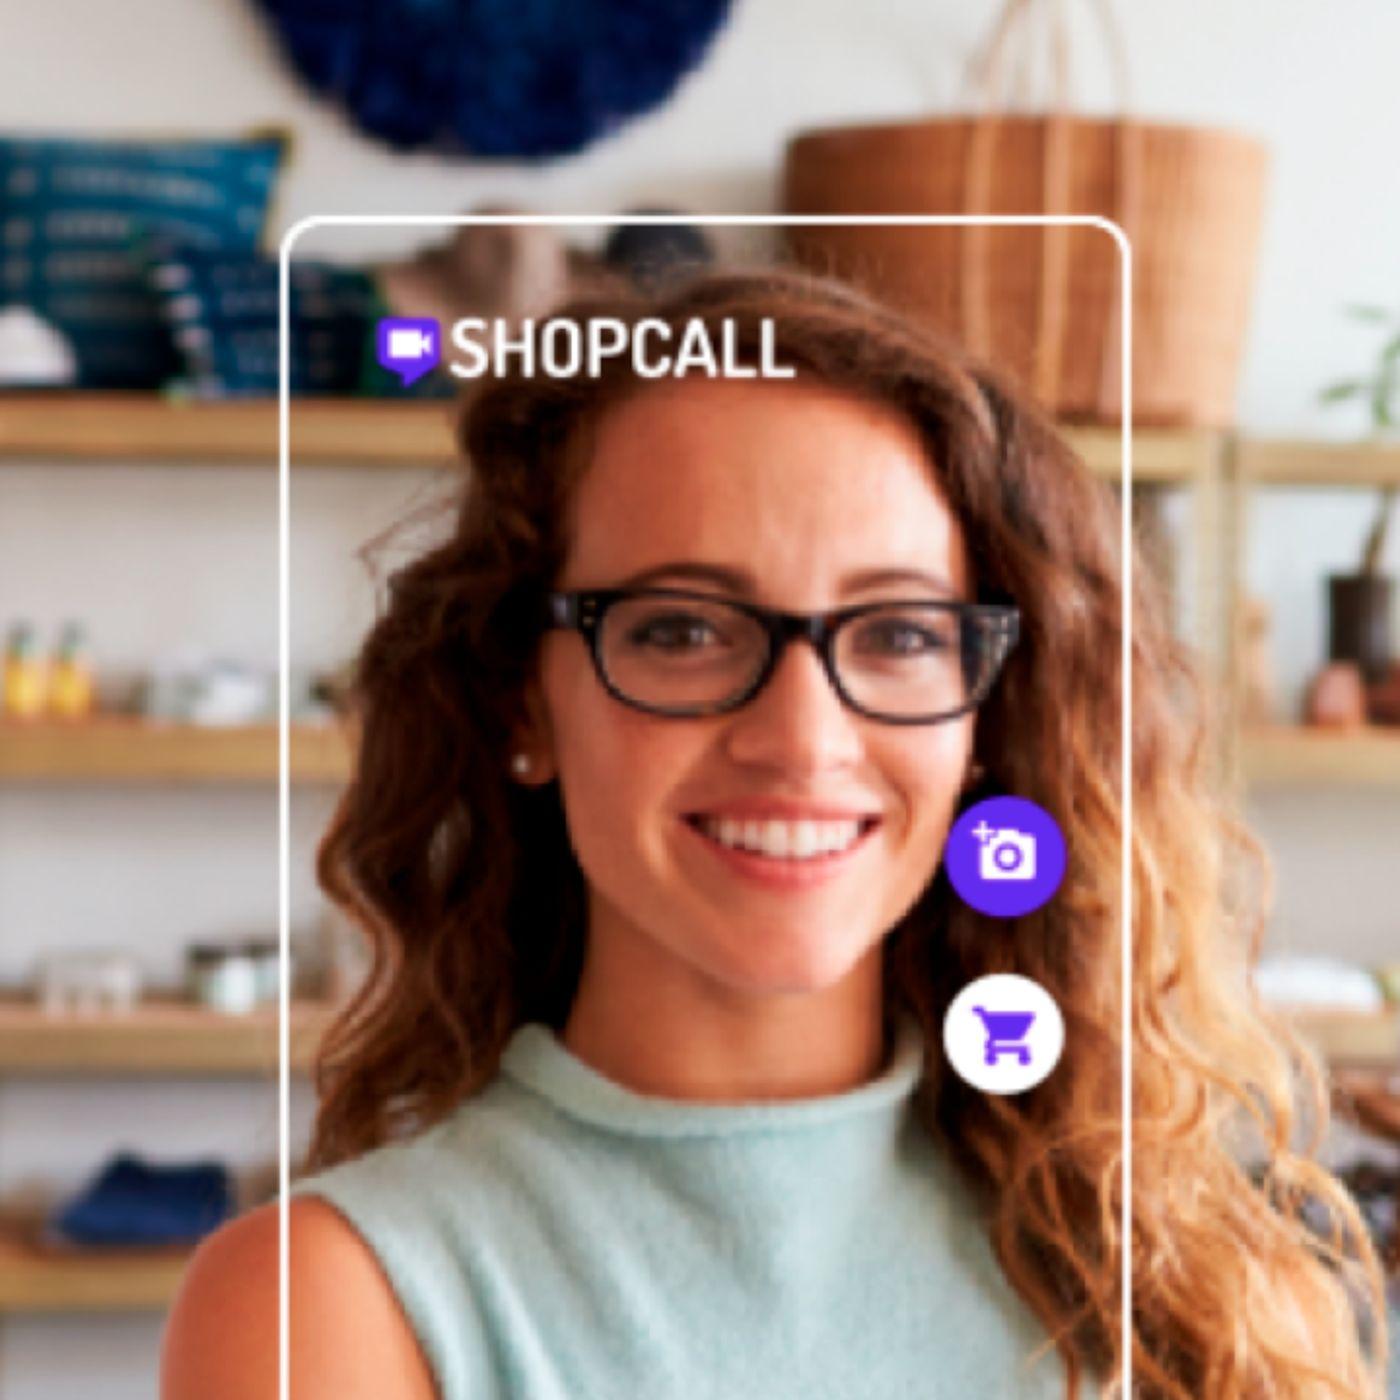 Shopcall: per aprire le porte di un negozio e attivare l'ecommerce